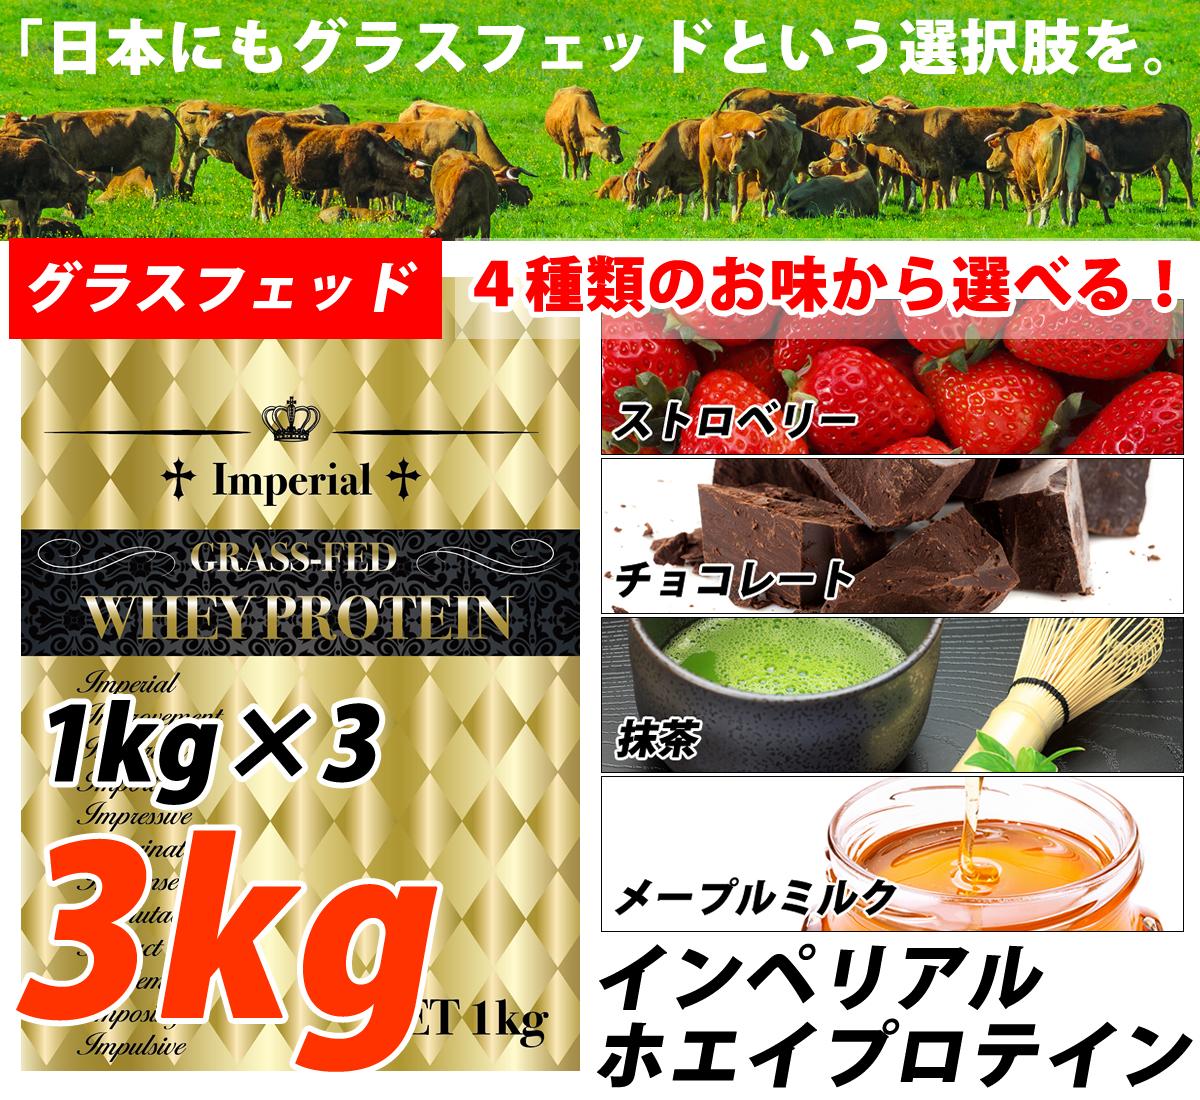 【グラスフェッドプロテイン】【ホエイプロテイン】インペリアルホエイ 3kg無添加無加工【全4味から選べる!】【送料無料】